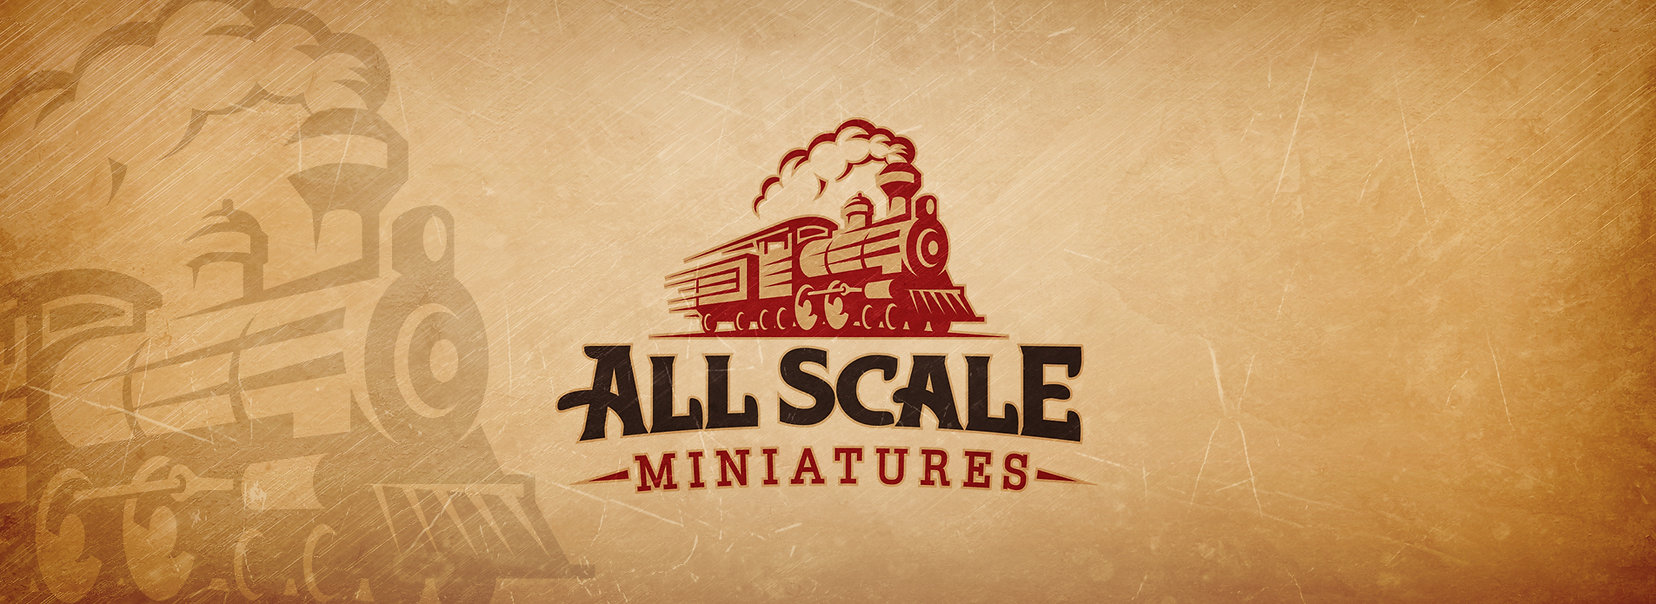 AllScale_A.jpg